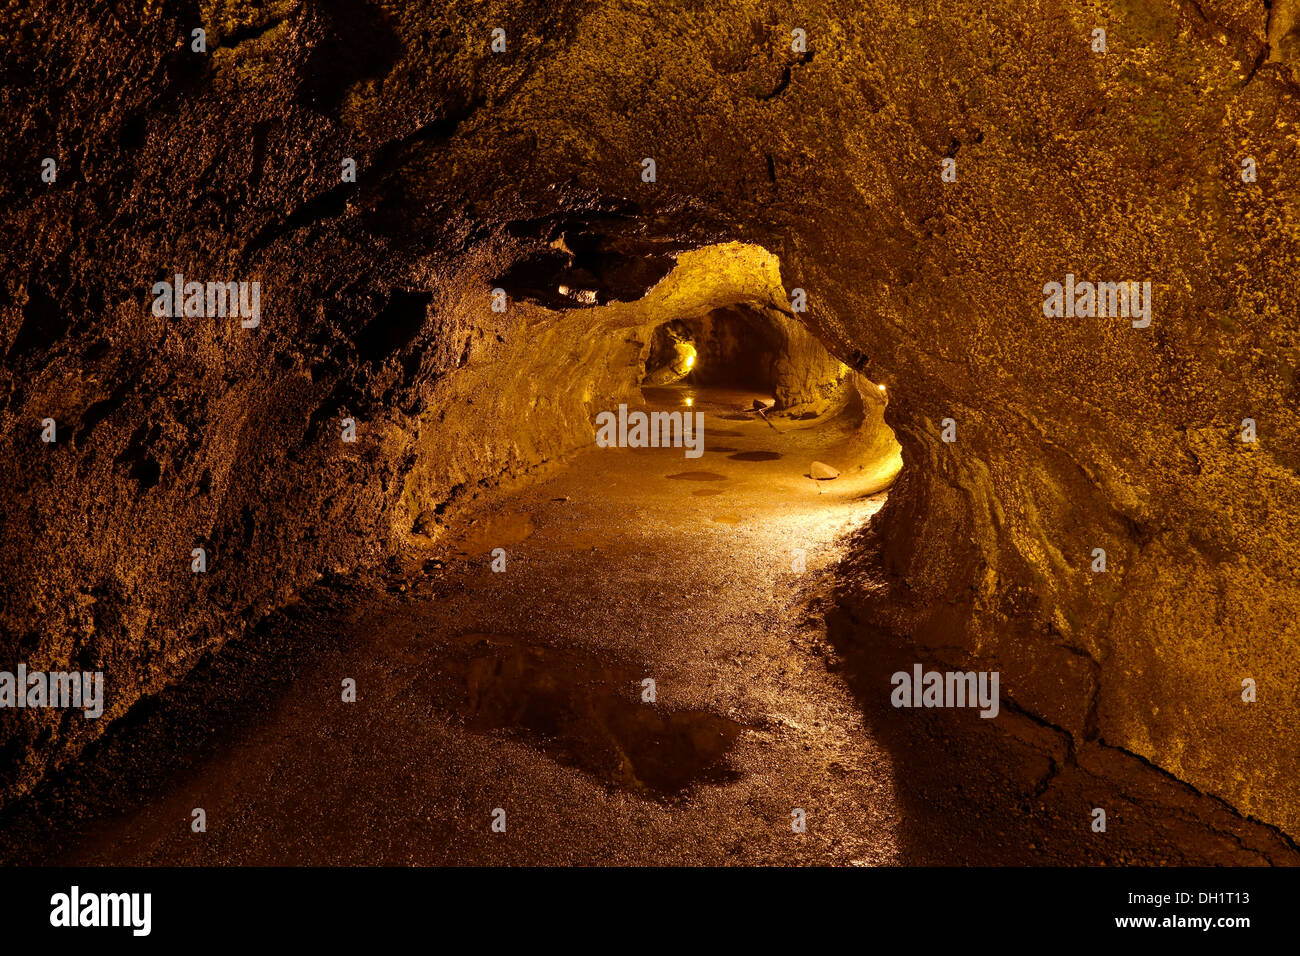 Thurston Lava Tube, Hawaiʻi Volcanoes National Park, Big Island, Hawaii, USA Stock Photo